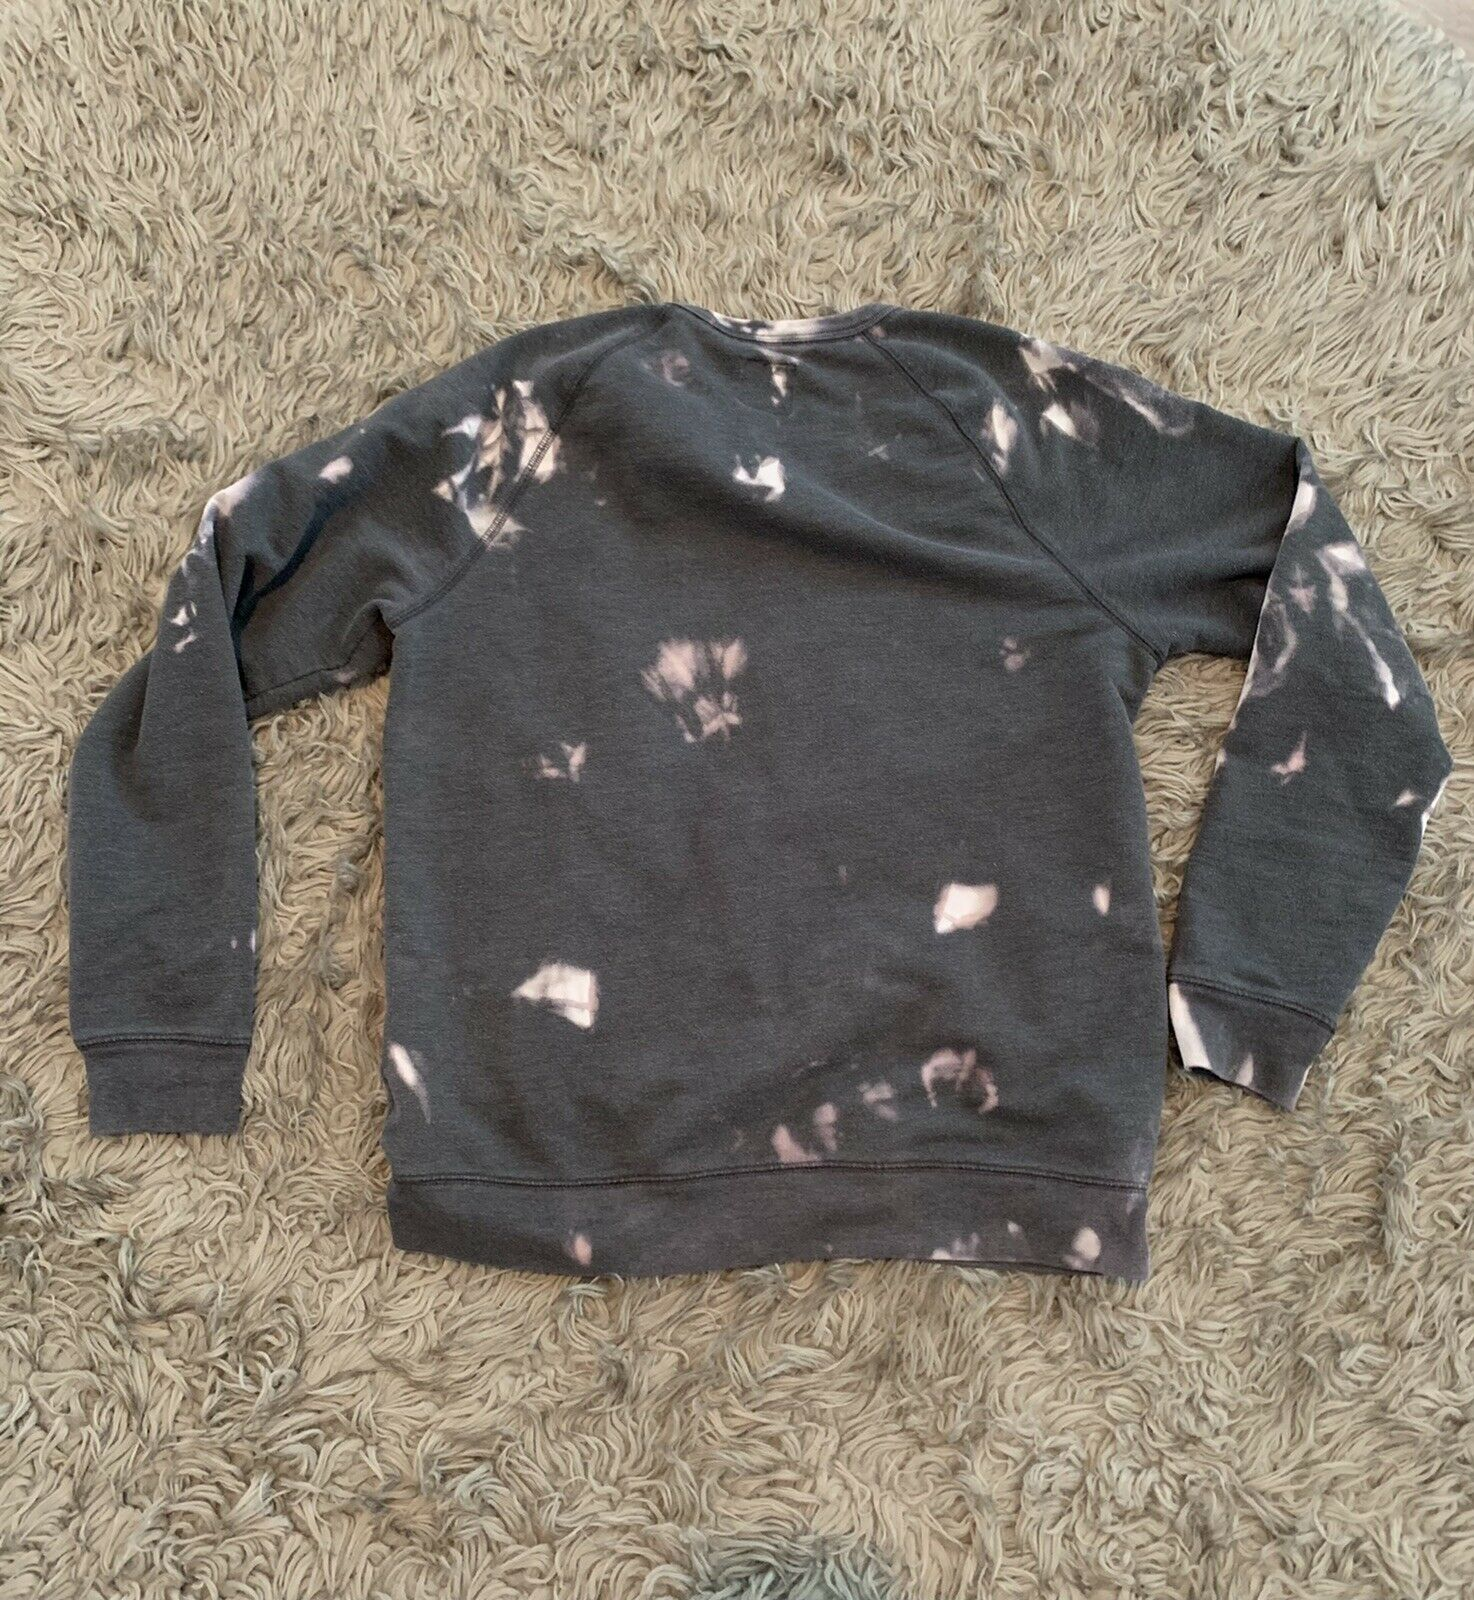 Sweatshirt Tie Dye , Tie Dye Sweater Size Medium … - image 3